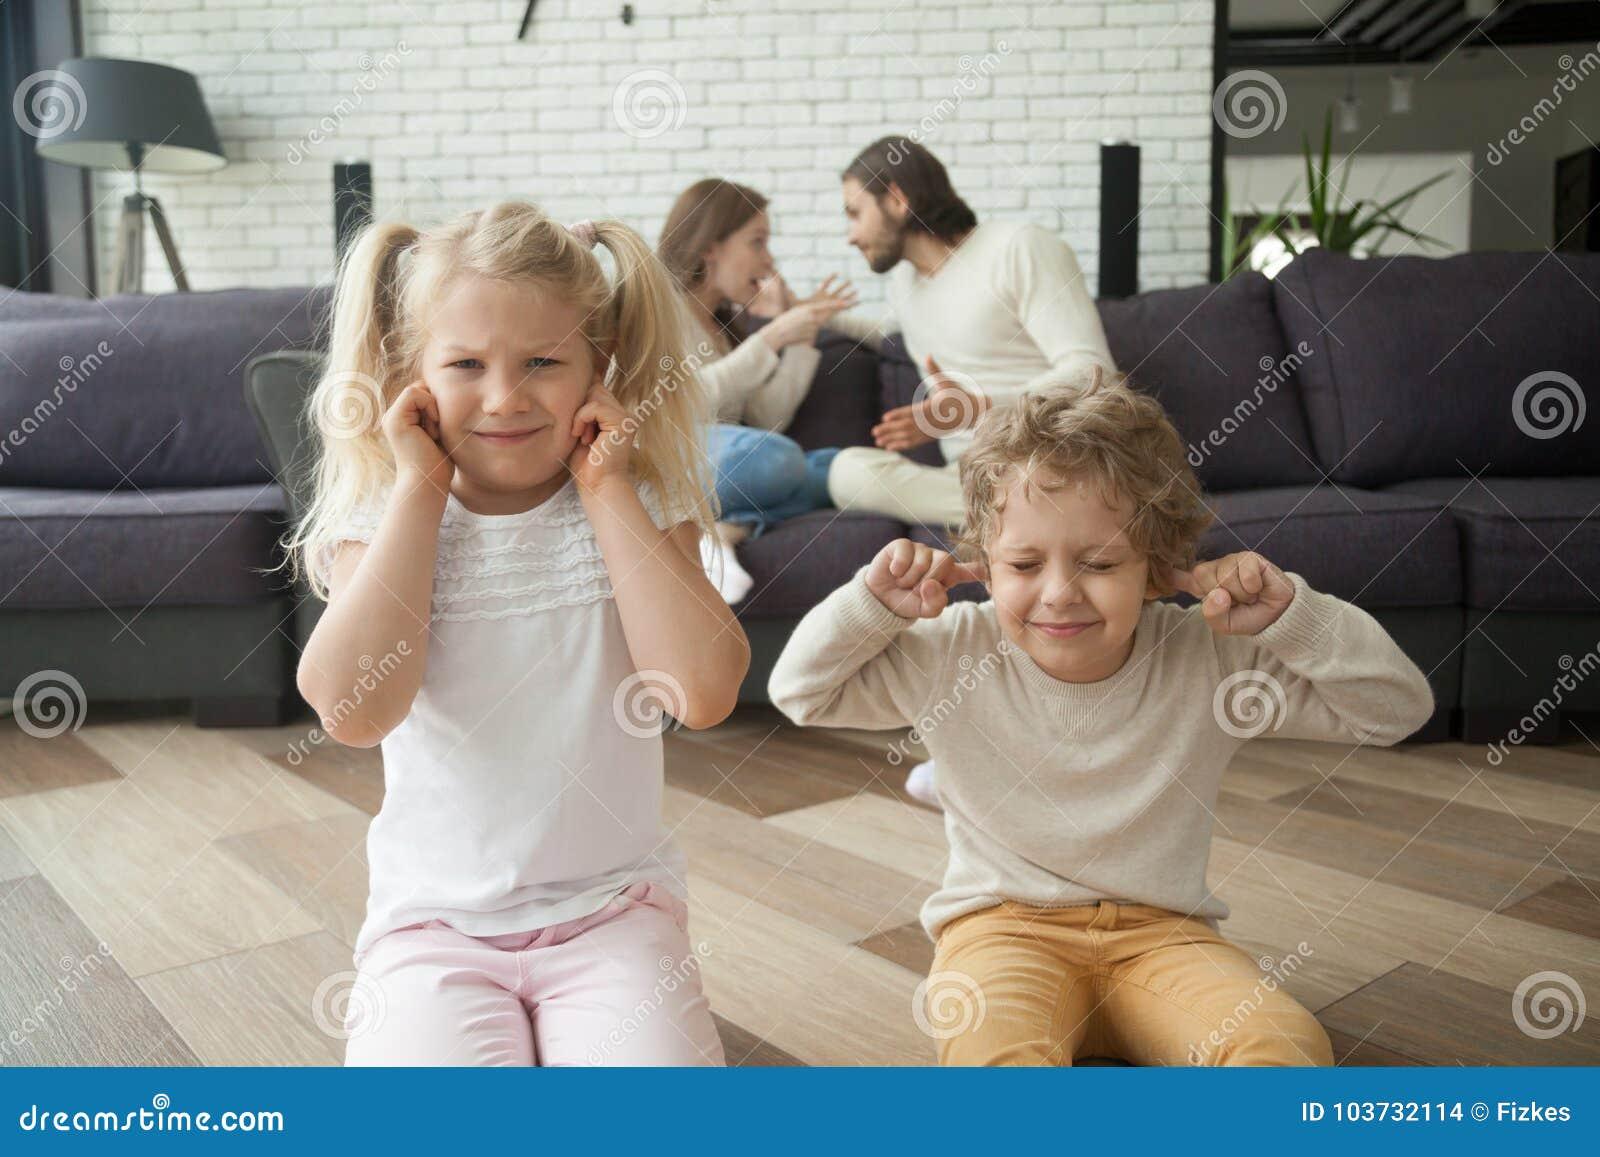 孩子男孩和女孩覆盖物耳朵,父母争论在backgrou